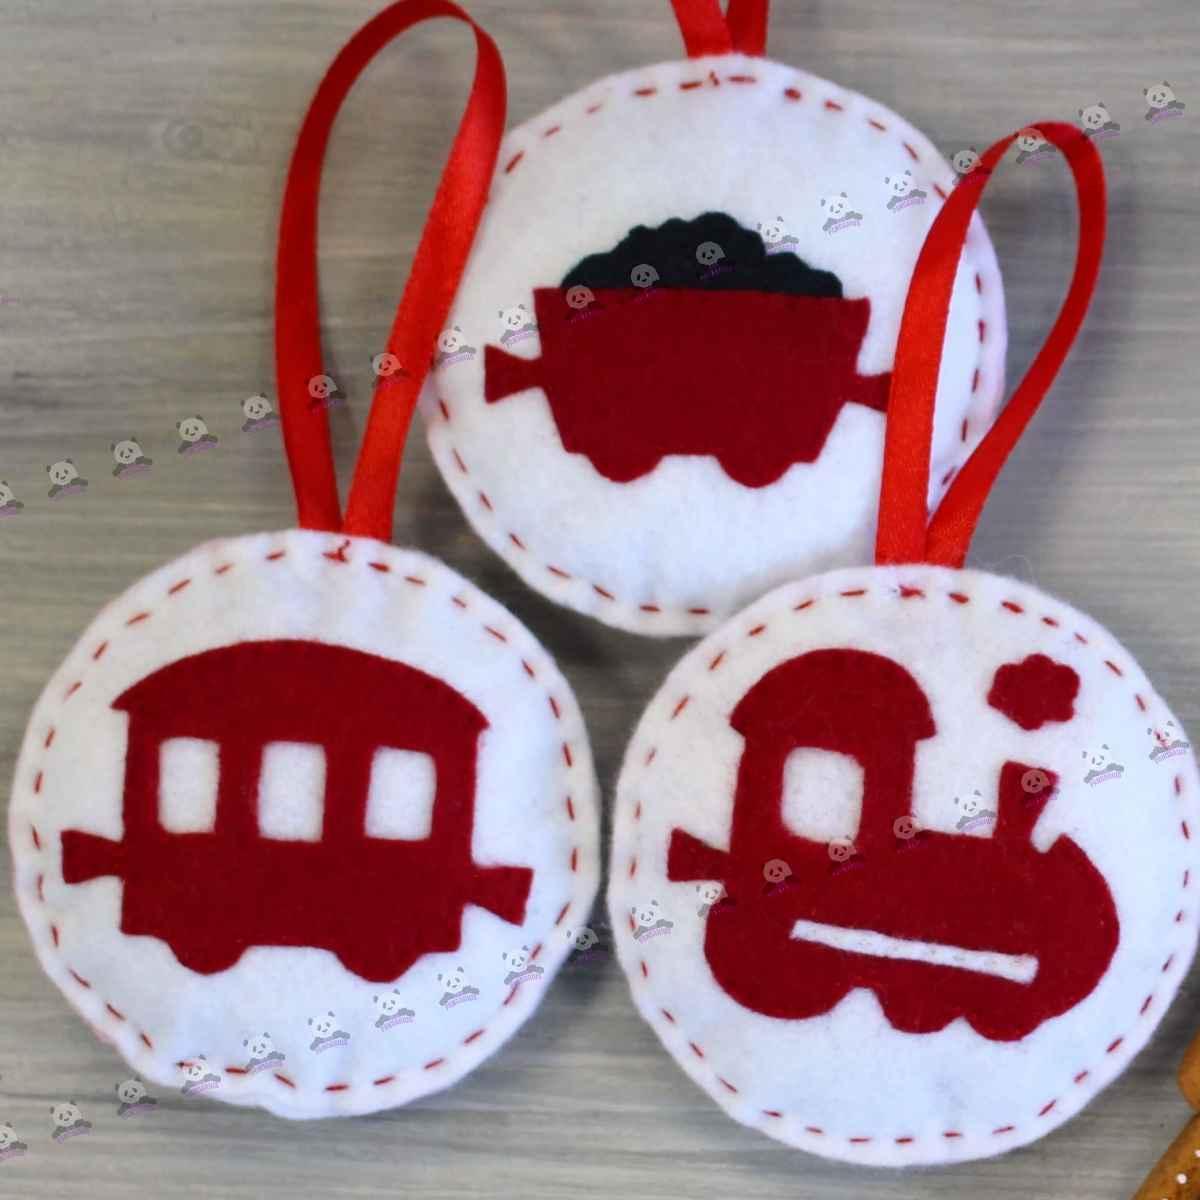 Елочные игрушки паровоз и вагоны